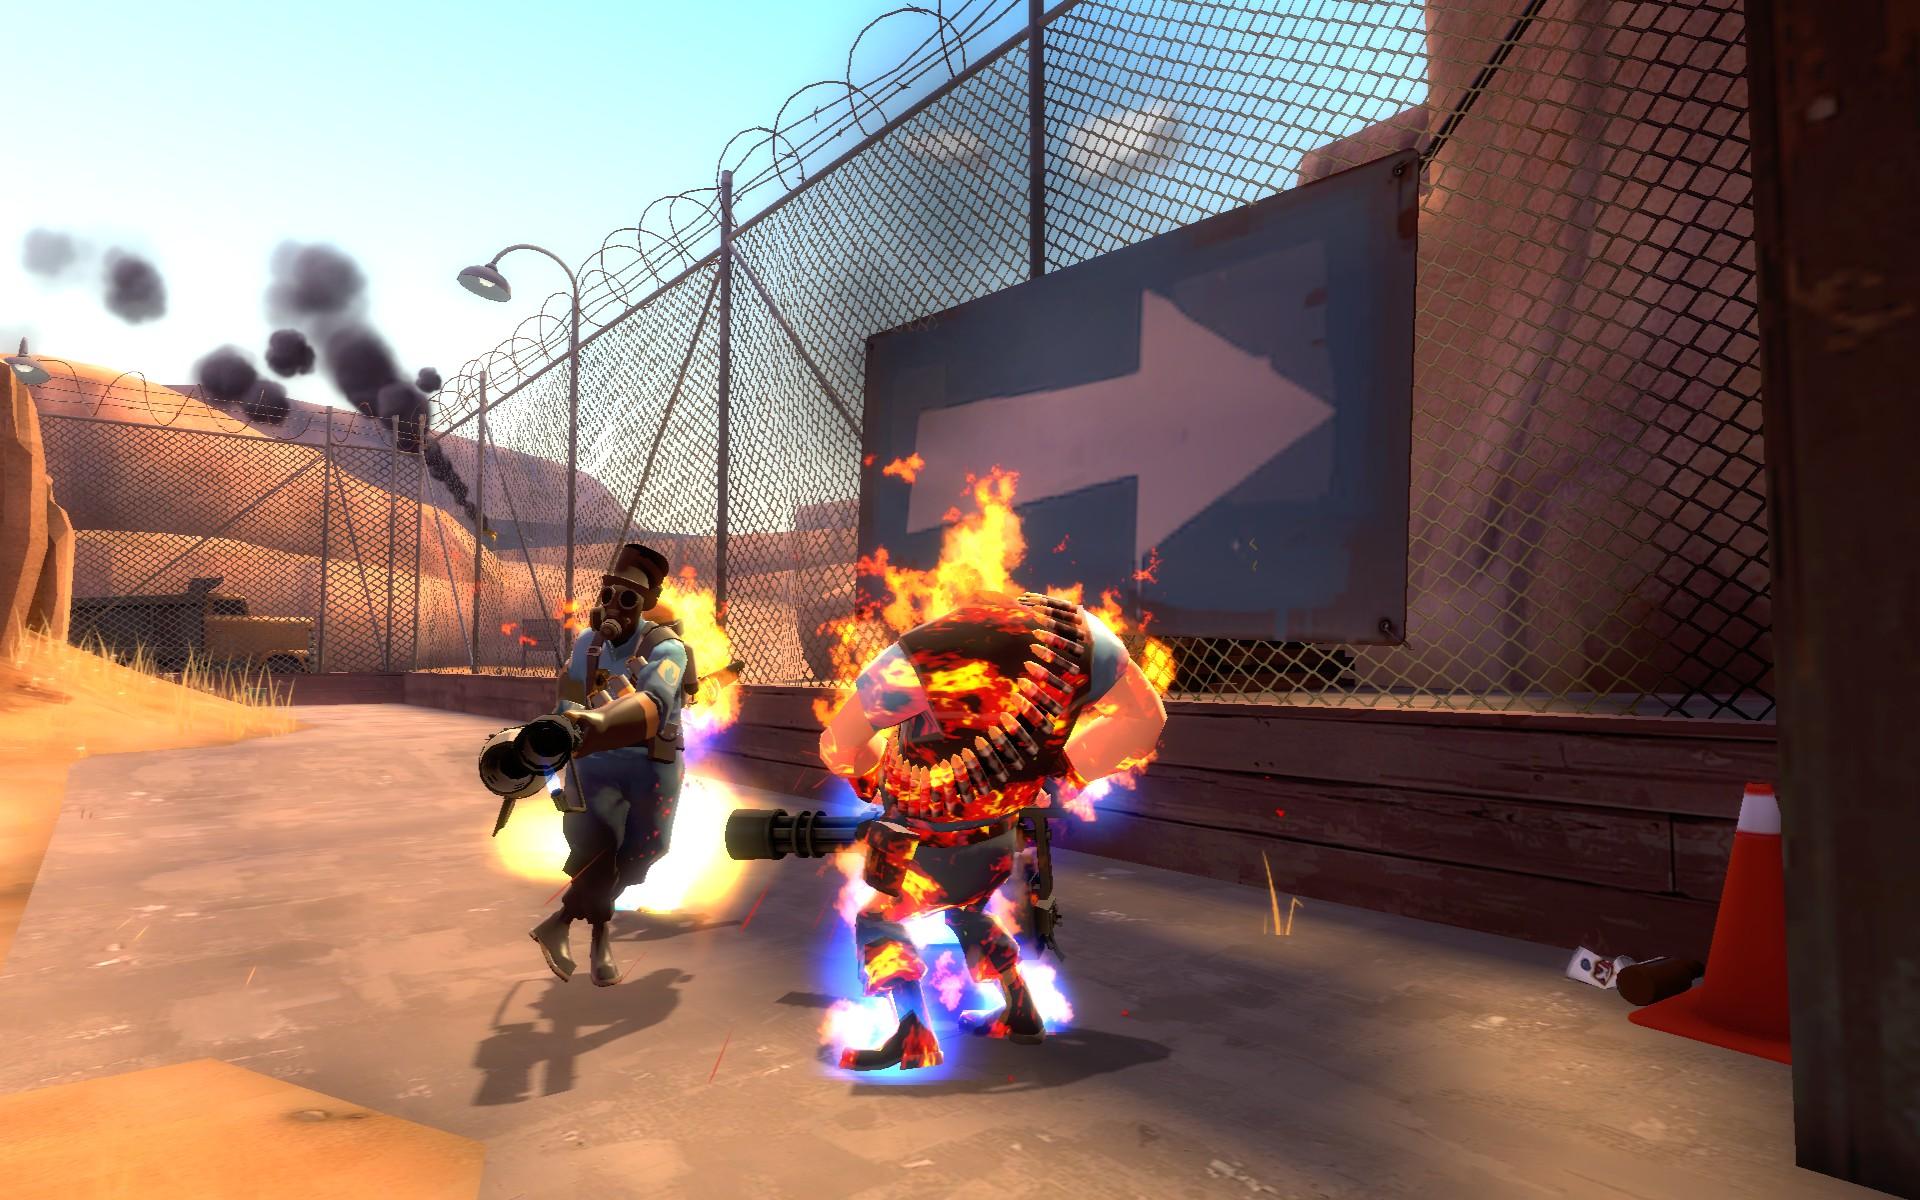 Team Fortress 2 pod nátlakem věrných čtenářů Zingu. Už potřetí 4238